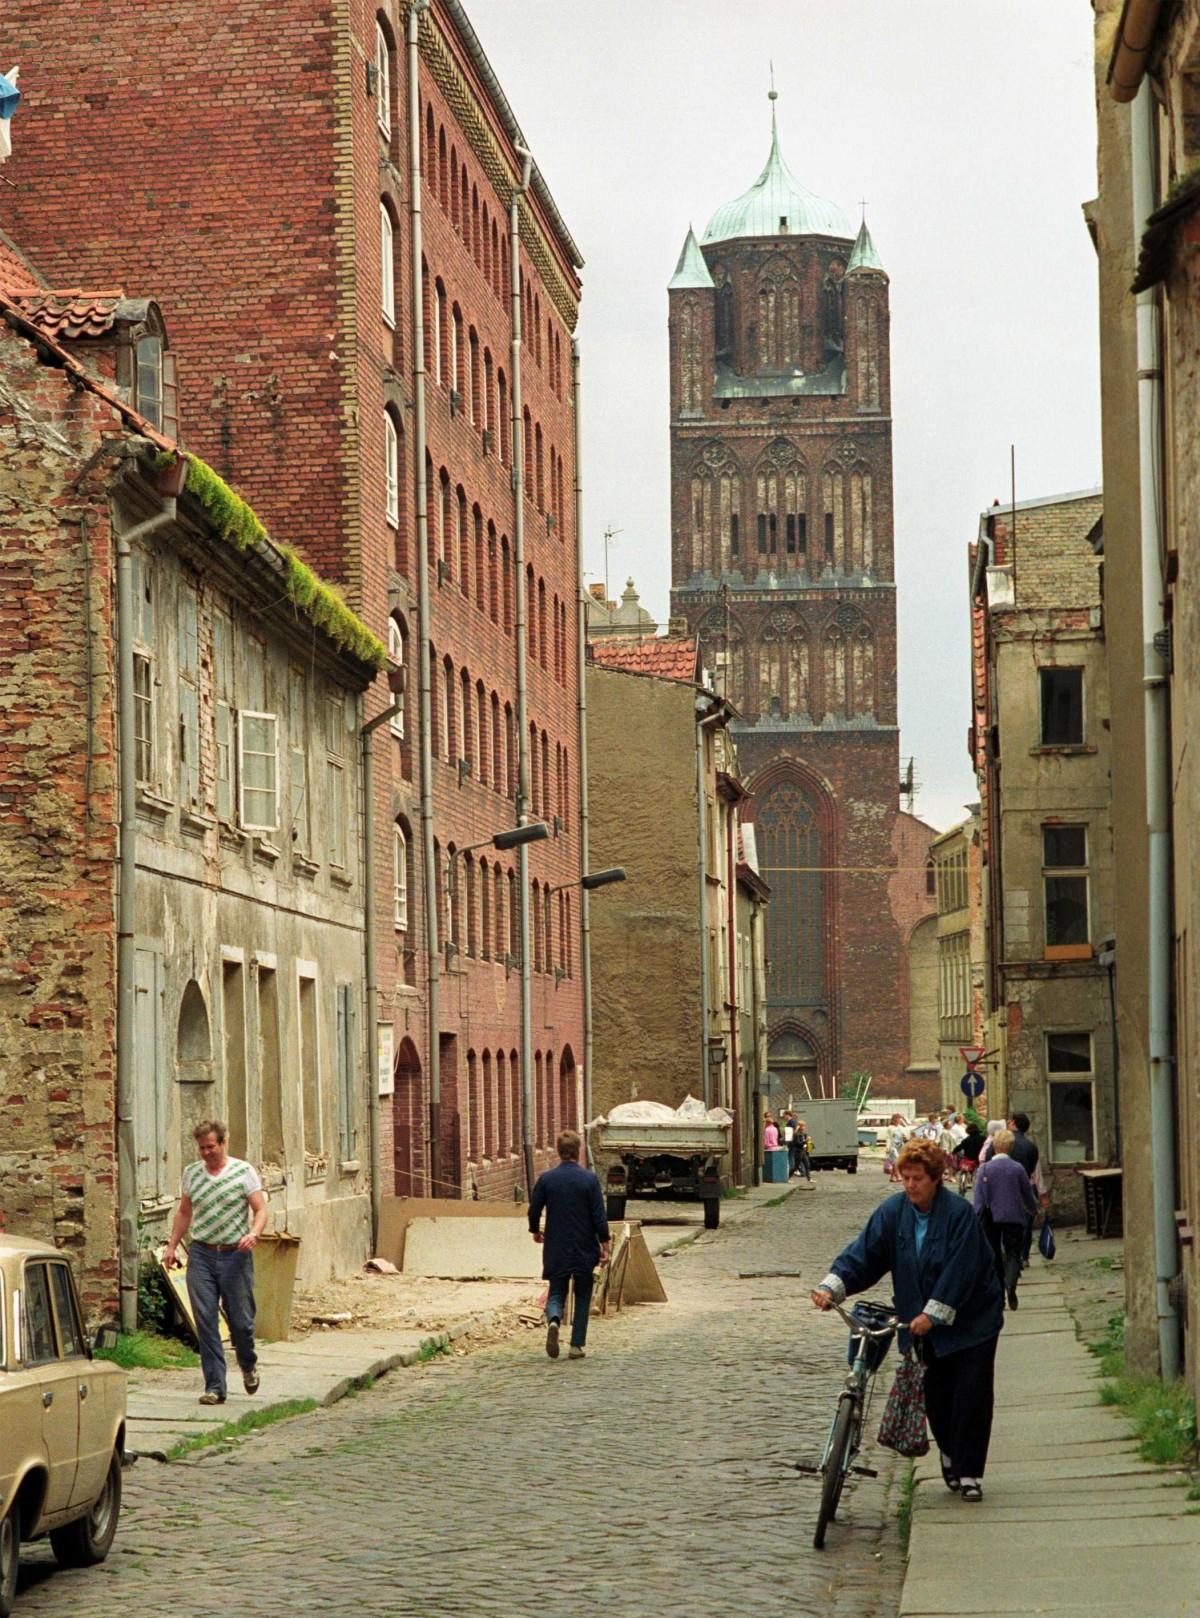 Böttcherstraße mit Blick auf St. Jakobi, dreischiffige Backsteinbasilika aus dem 14. und 15. Jahrhundert in Stralsund, Juni 1990.